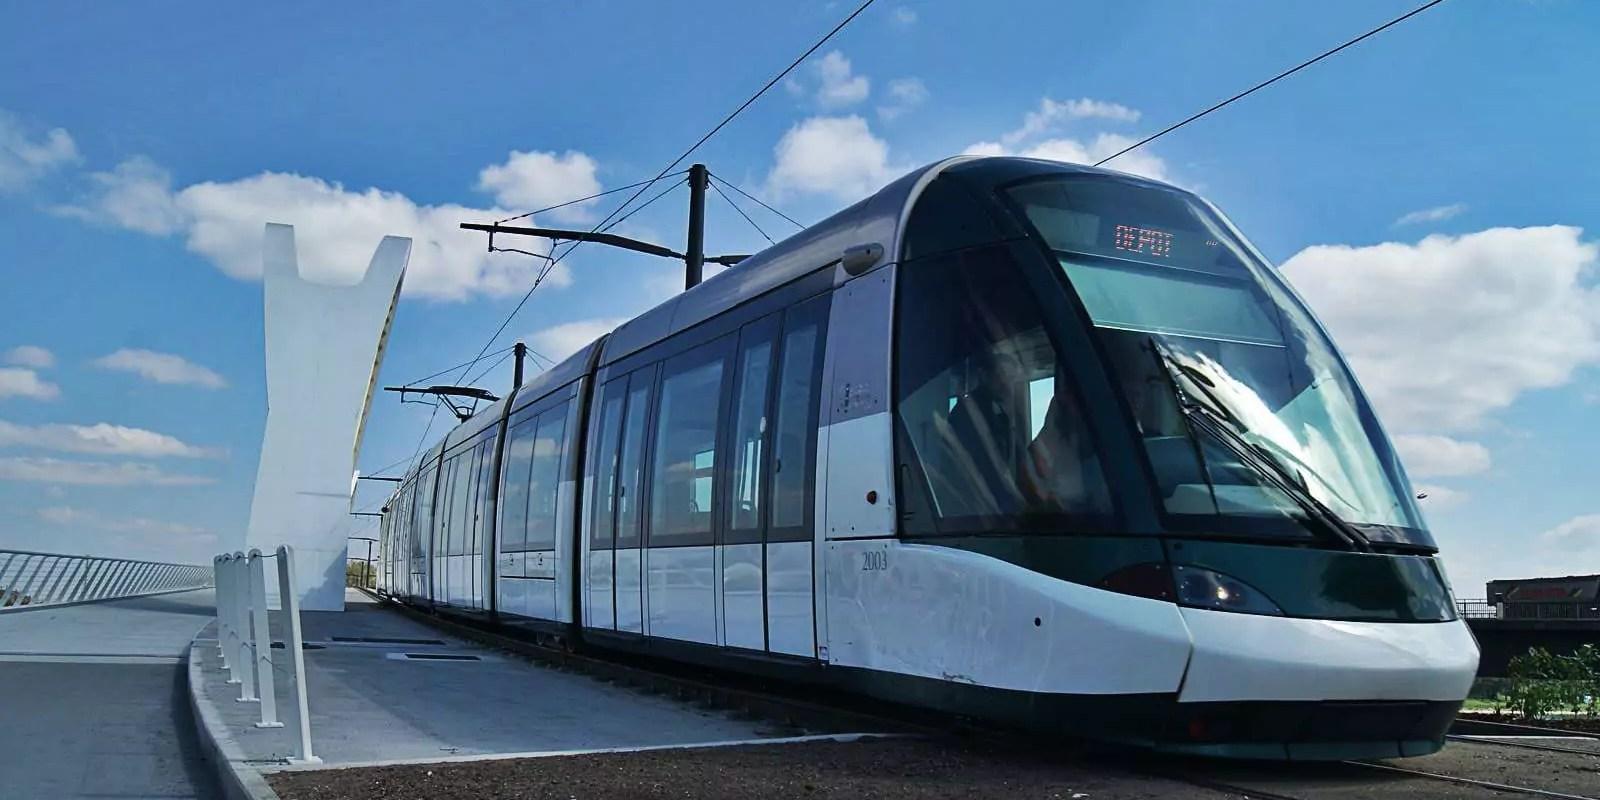 Les questions juridiques posées par le tramway Strasbourg-Kehl ne sont pas toutes réglées